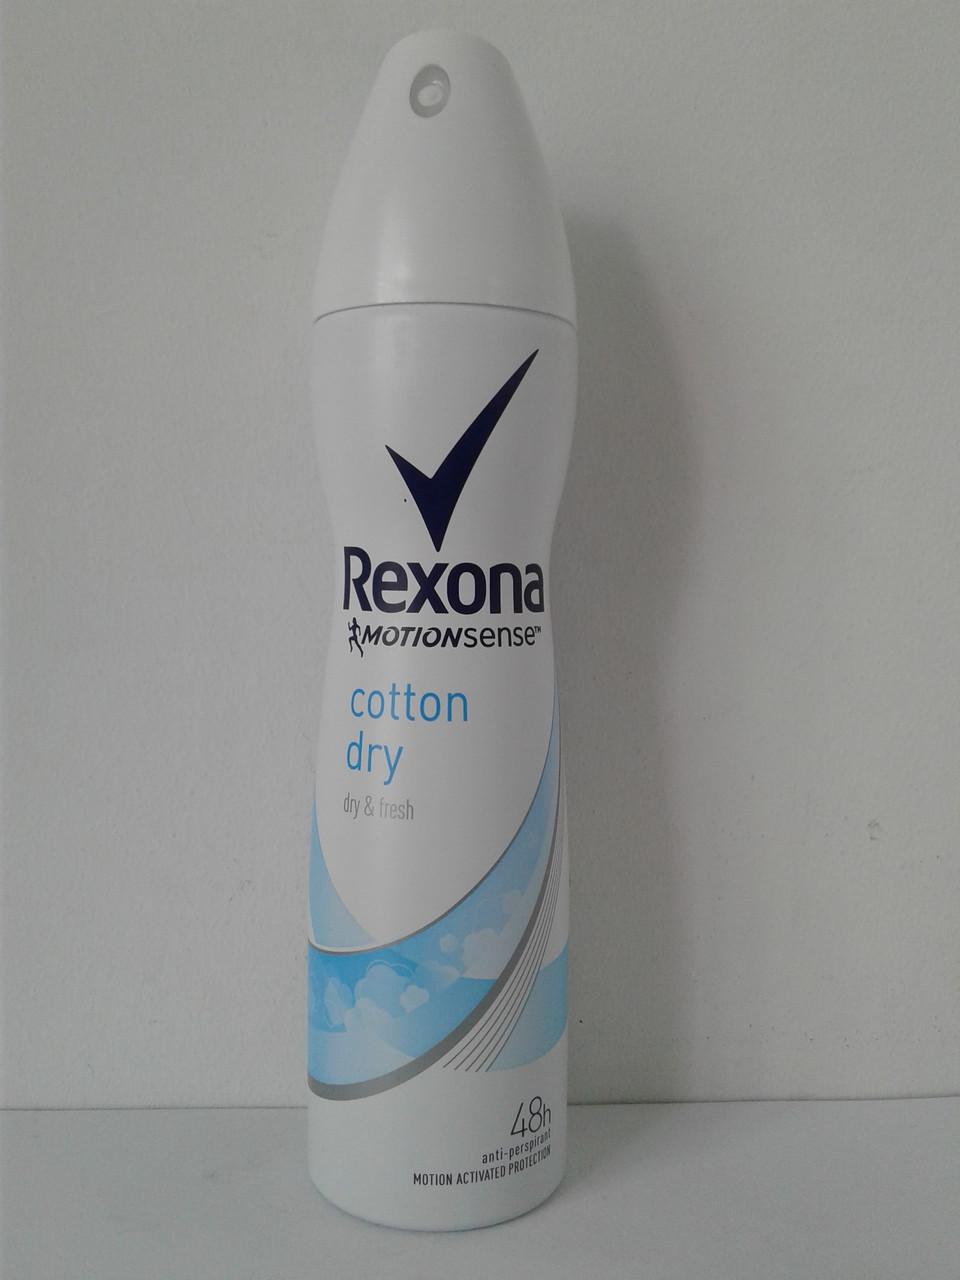 Аэрозольный женский дезодорант Rexona Cotton dry (Рексона Легкость хлопка) 150 мл.